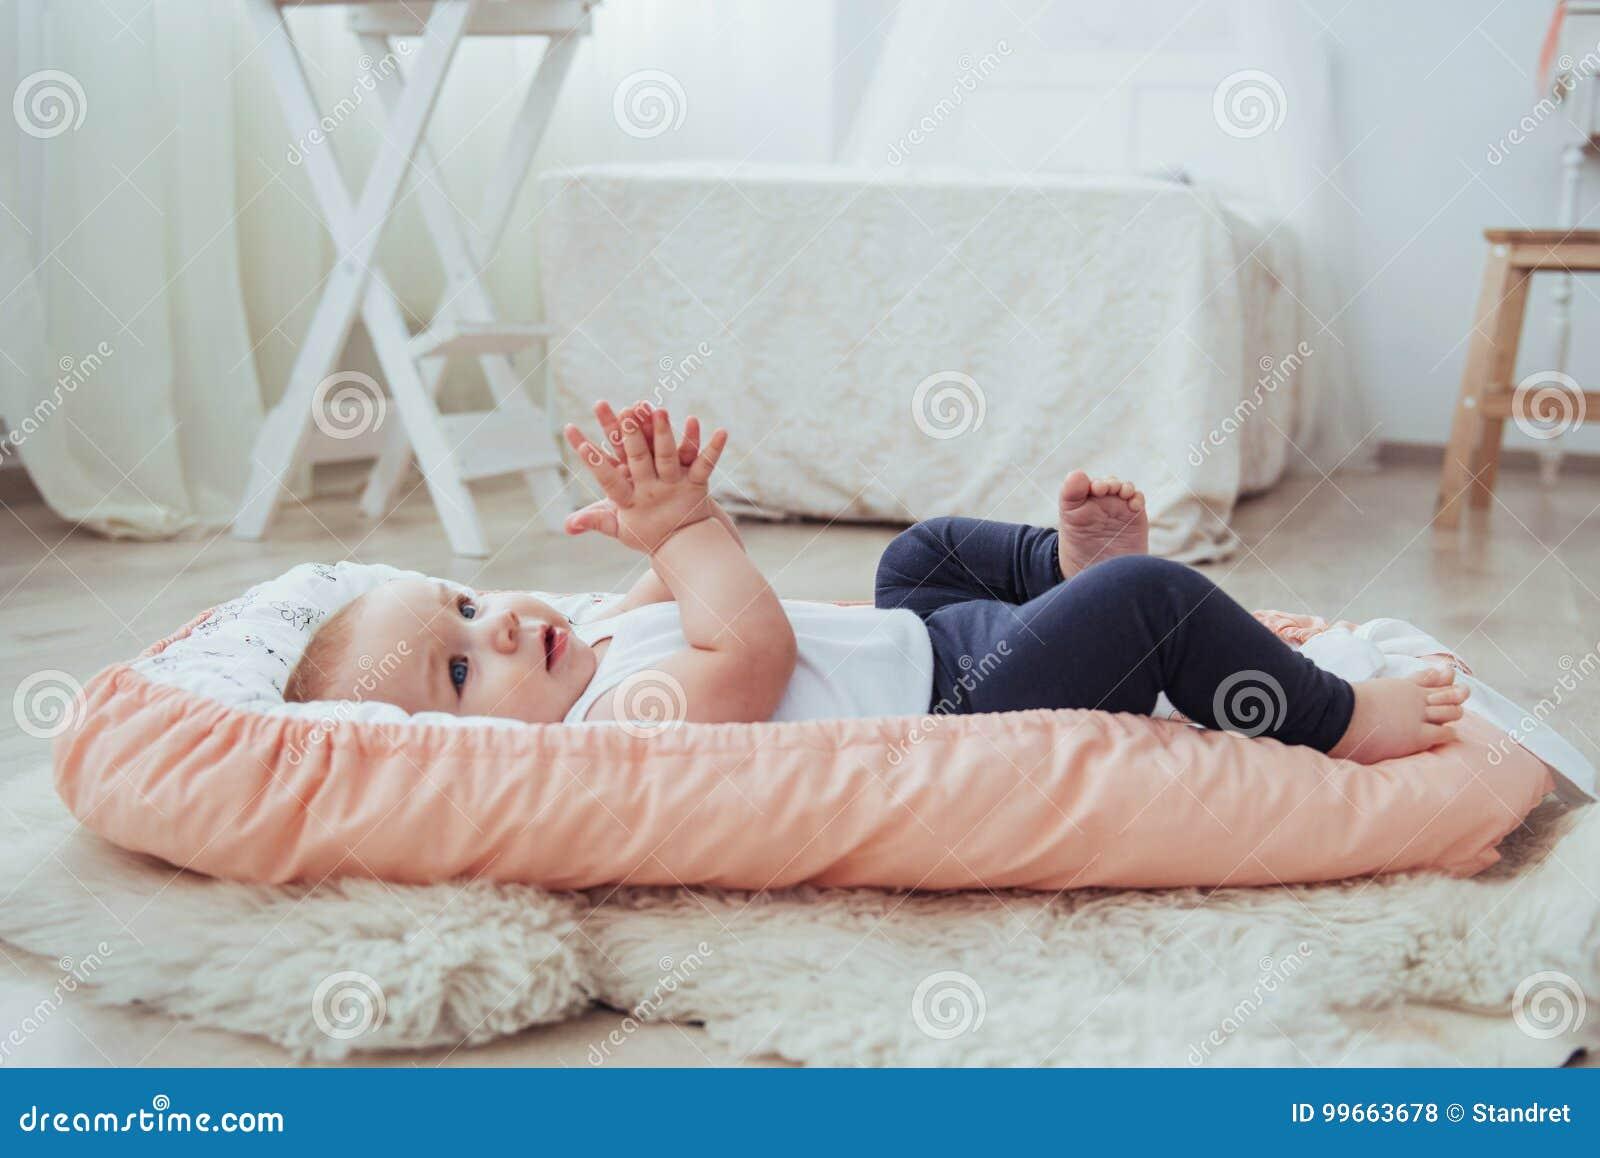 Letto Piccolo Per Bambini.Lettiera Per I Bambini Il Bambino Dorme A Letto Un Piccolo Bambino